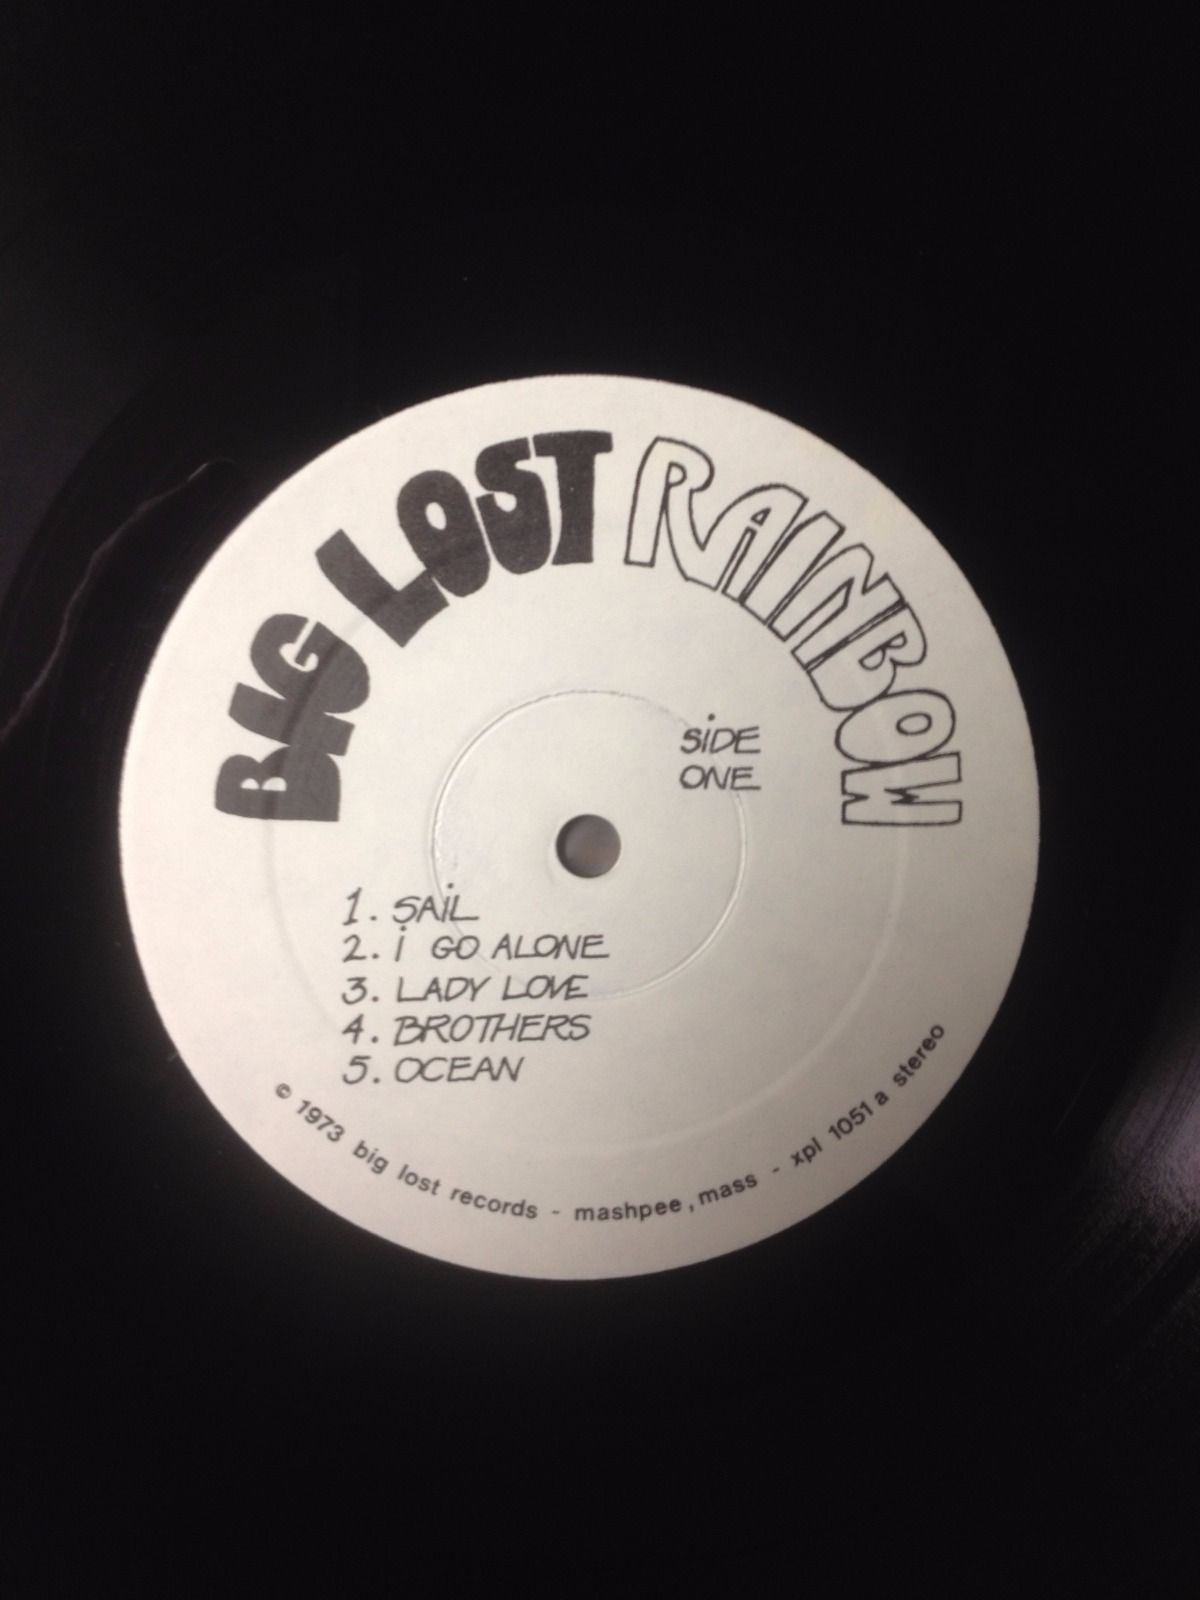 Big Lost Rainbow Same Copy 2 Void Vinyl Records